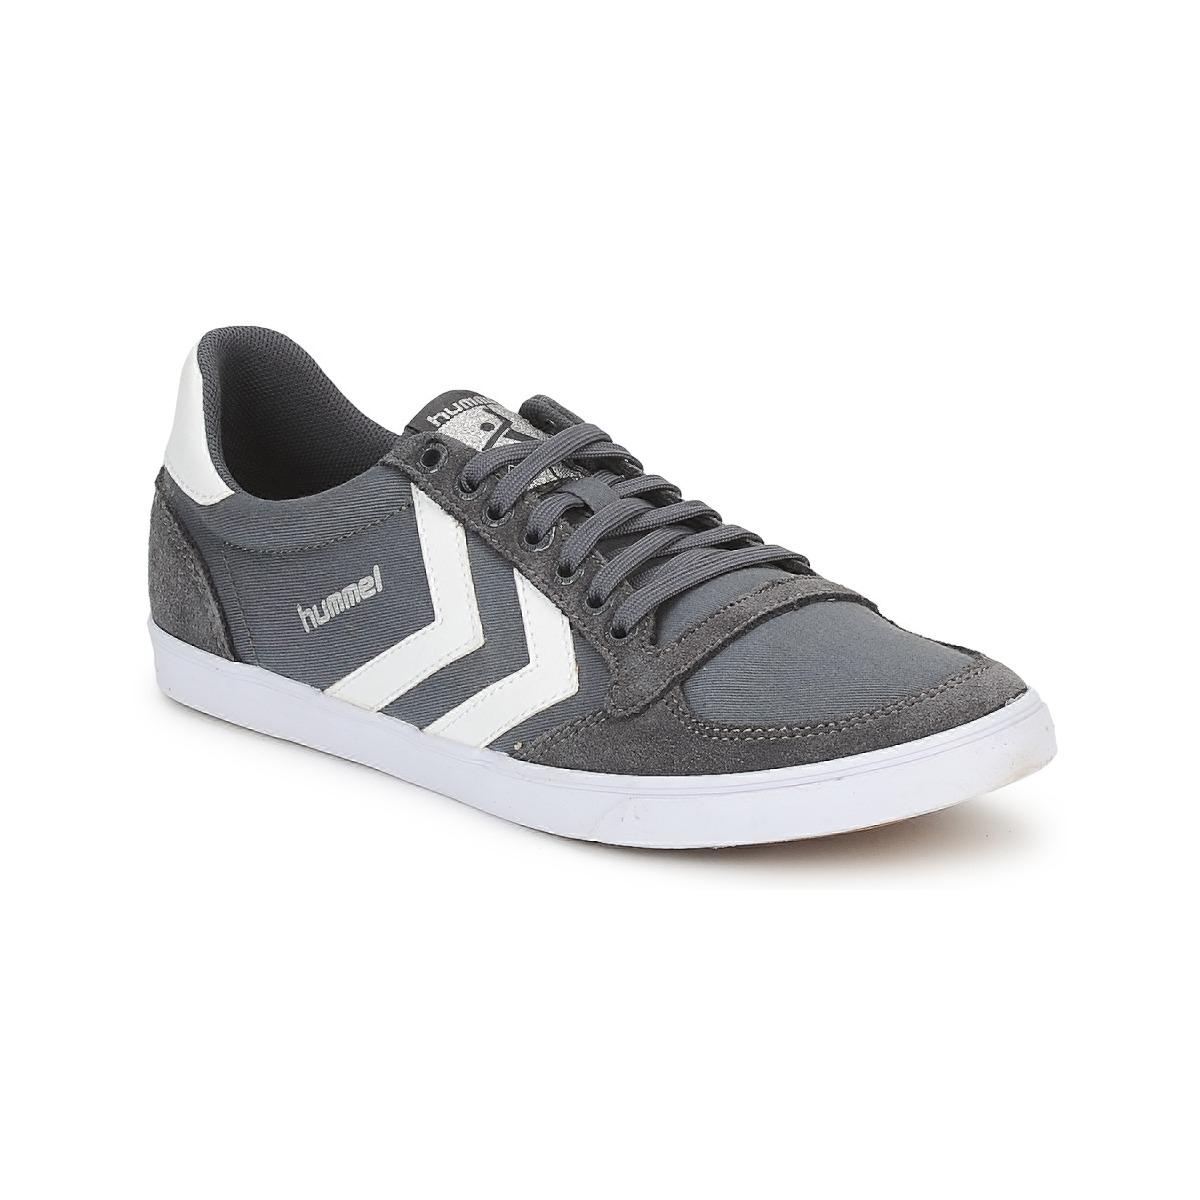 Hummel TEN STAR LOW CANVAS Grau / Weiss - Kostenloser Versand bei Spartoode ! - Schuhe Sneaker Low  51,99 €